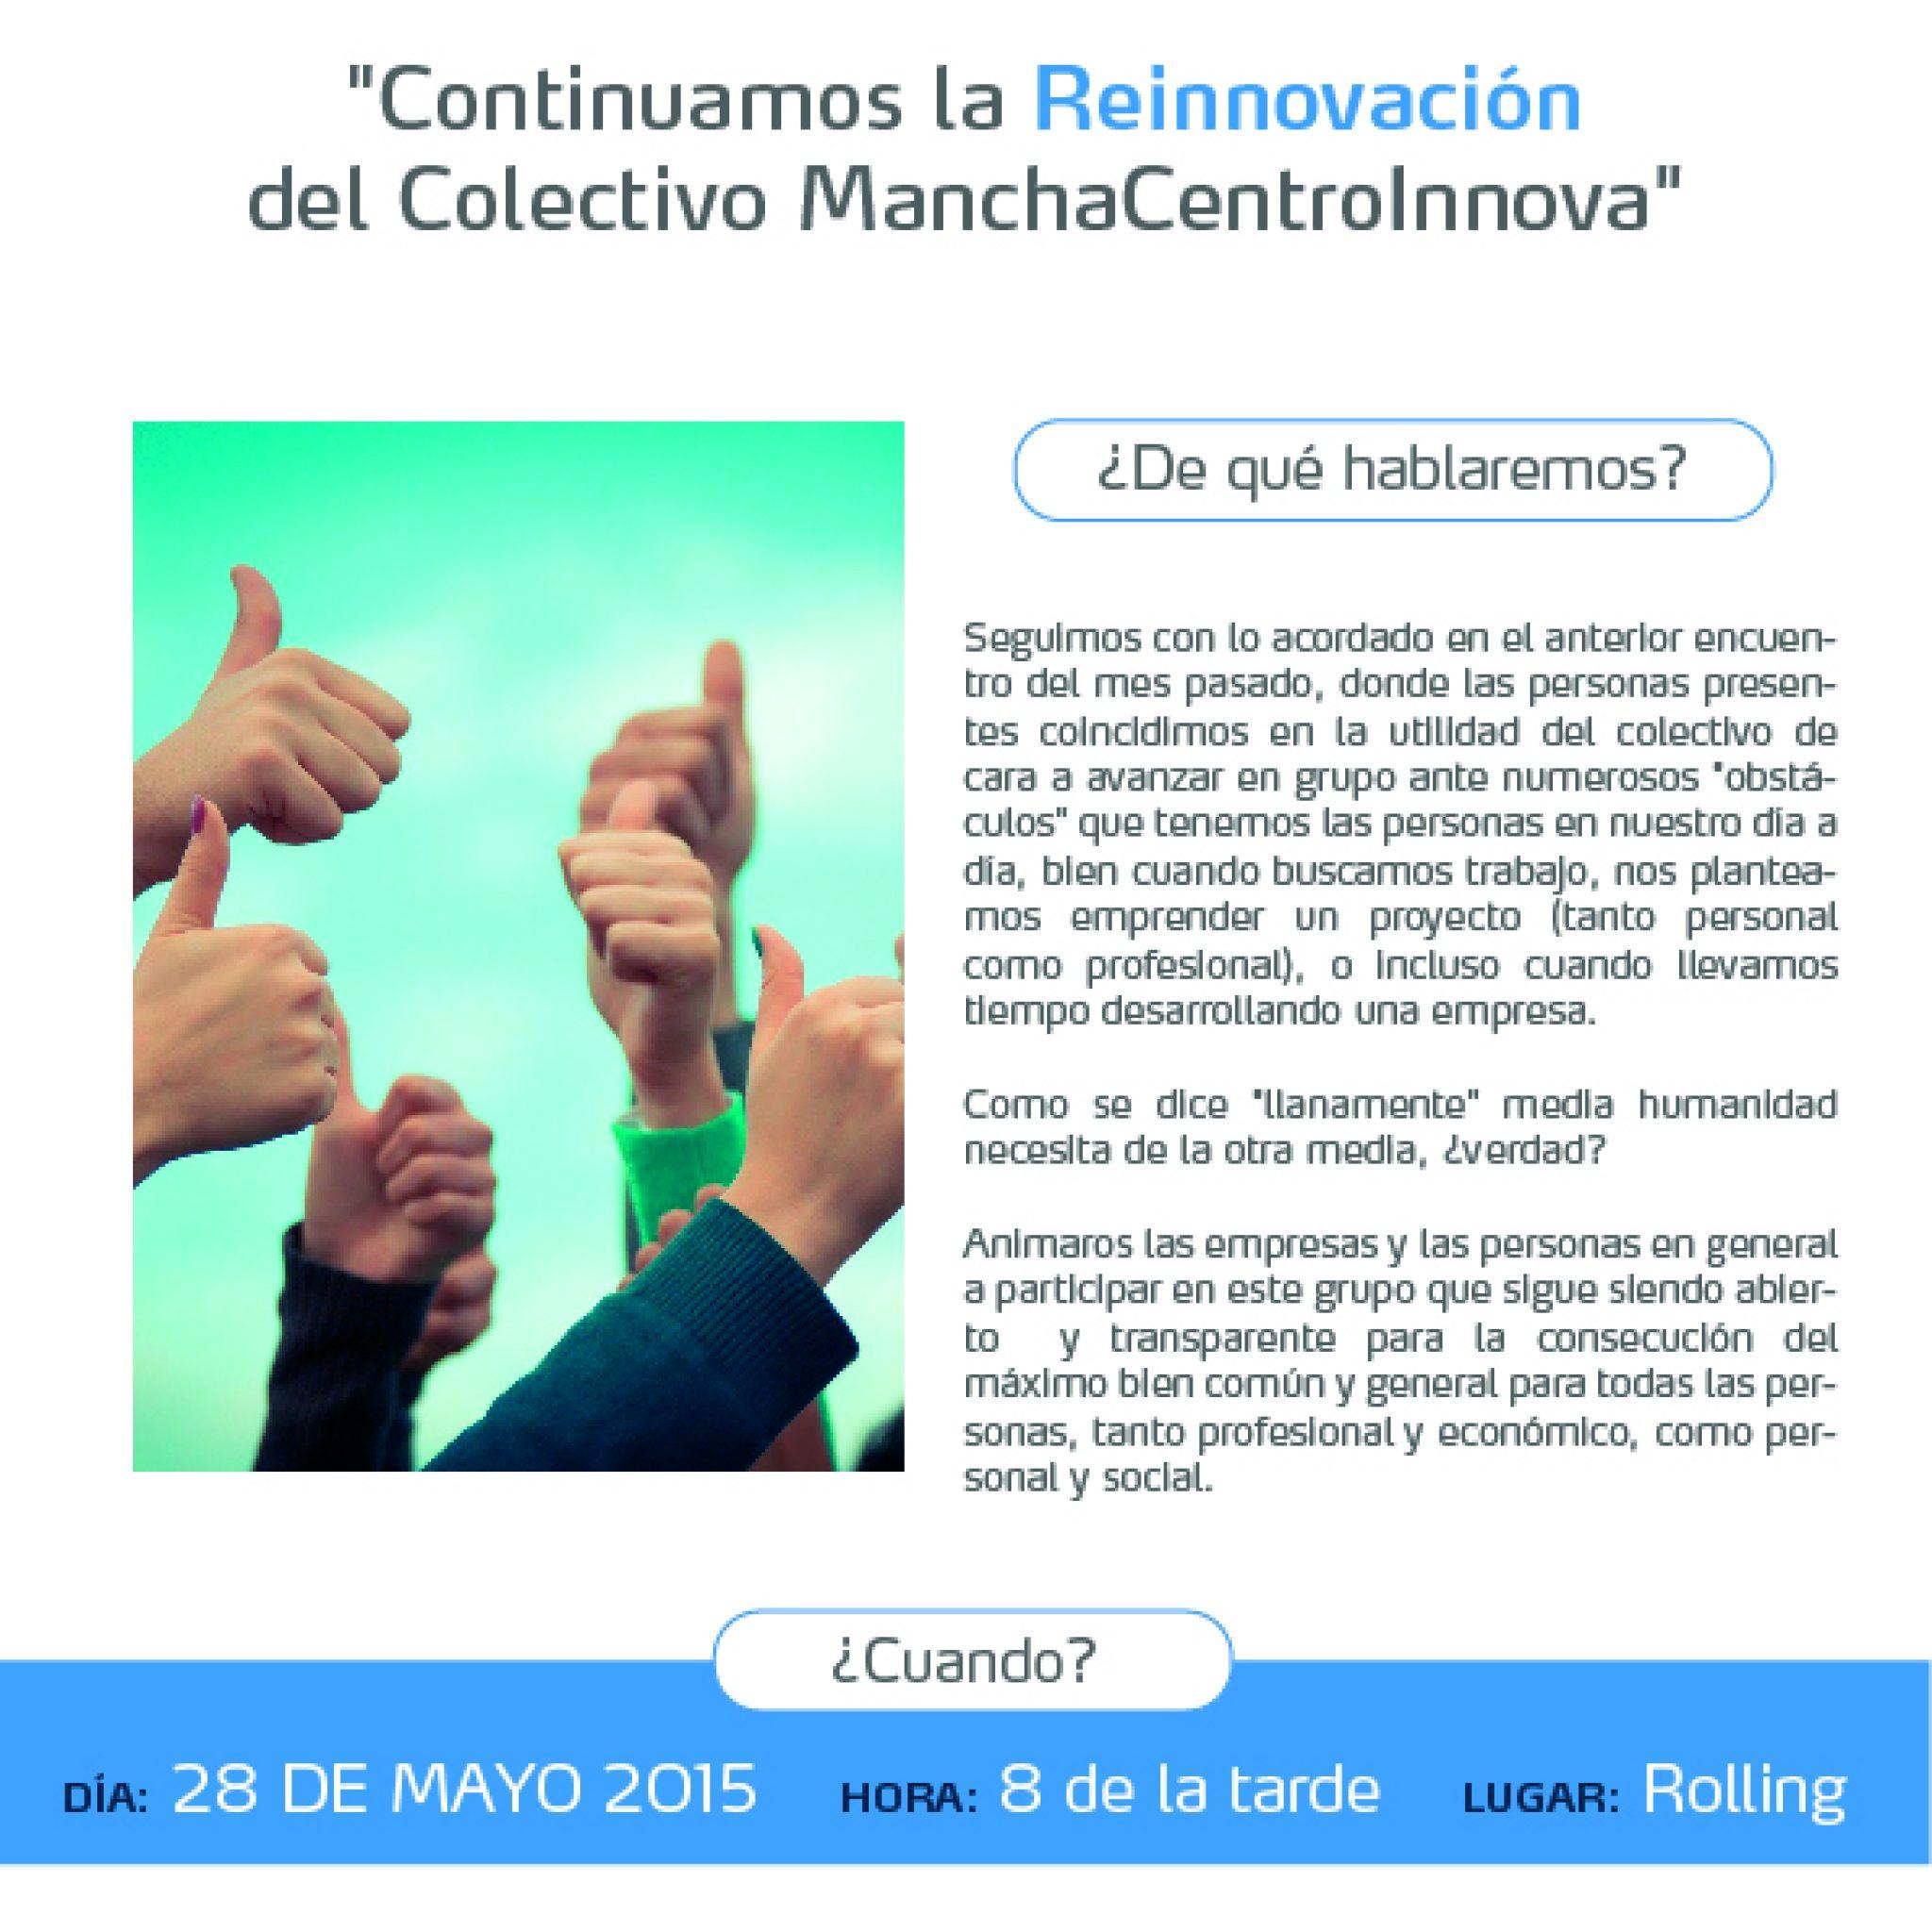 Cartel Mayo 2015 manchacentroinnova